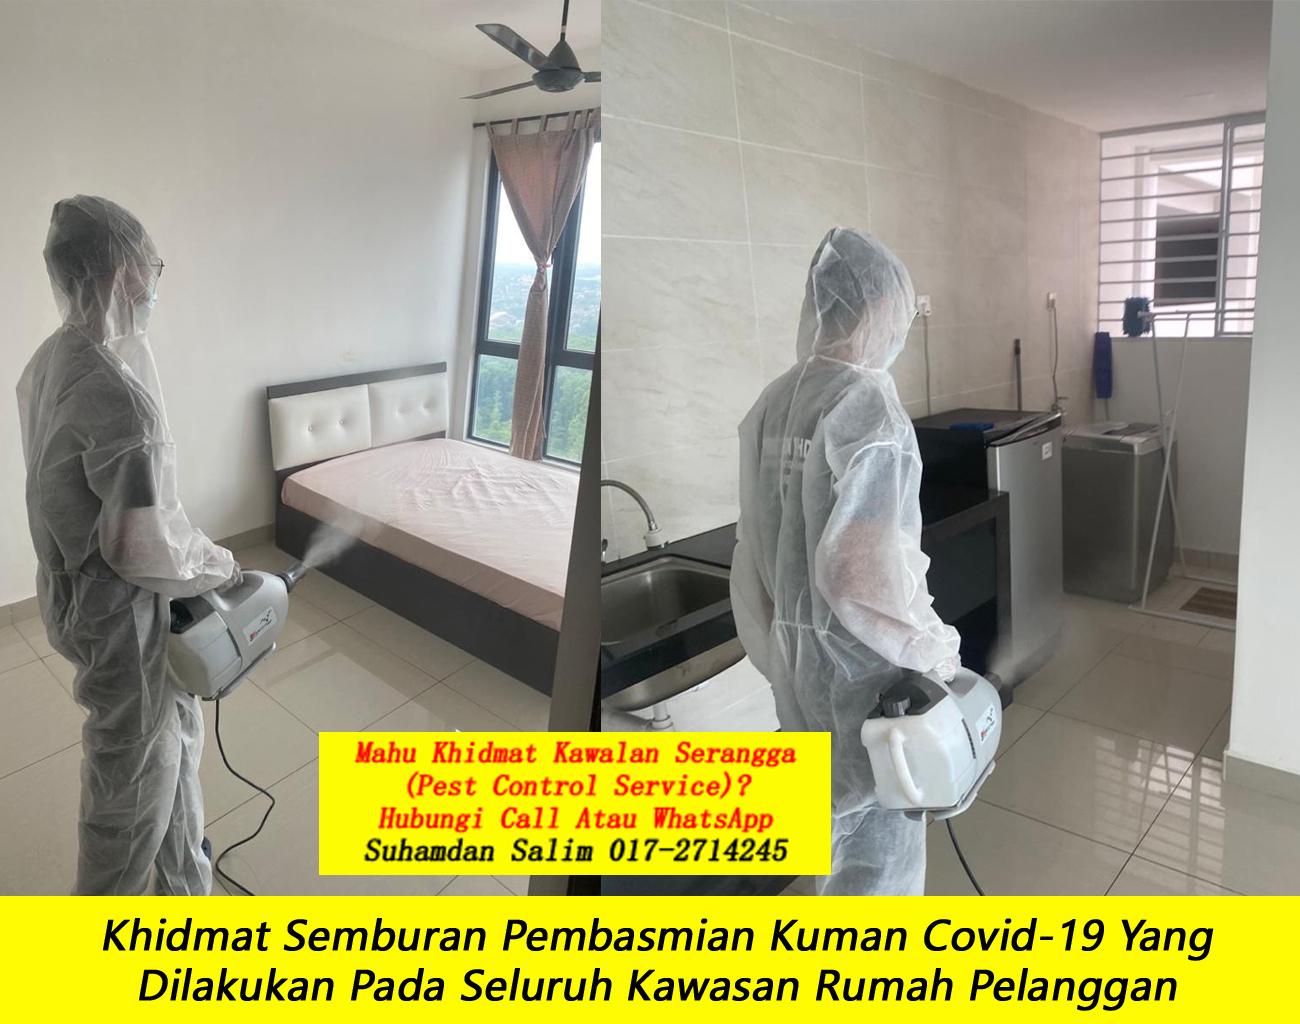 khidmat sanitizing membasmi kuman Covid-19 Disinfection Service semburan sanitize covid 19 paling berkesan dengan harga berpatutan the best service covid-19 mambau negeri sembilan felda